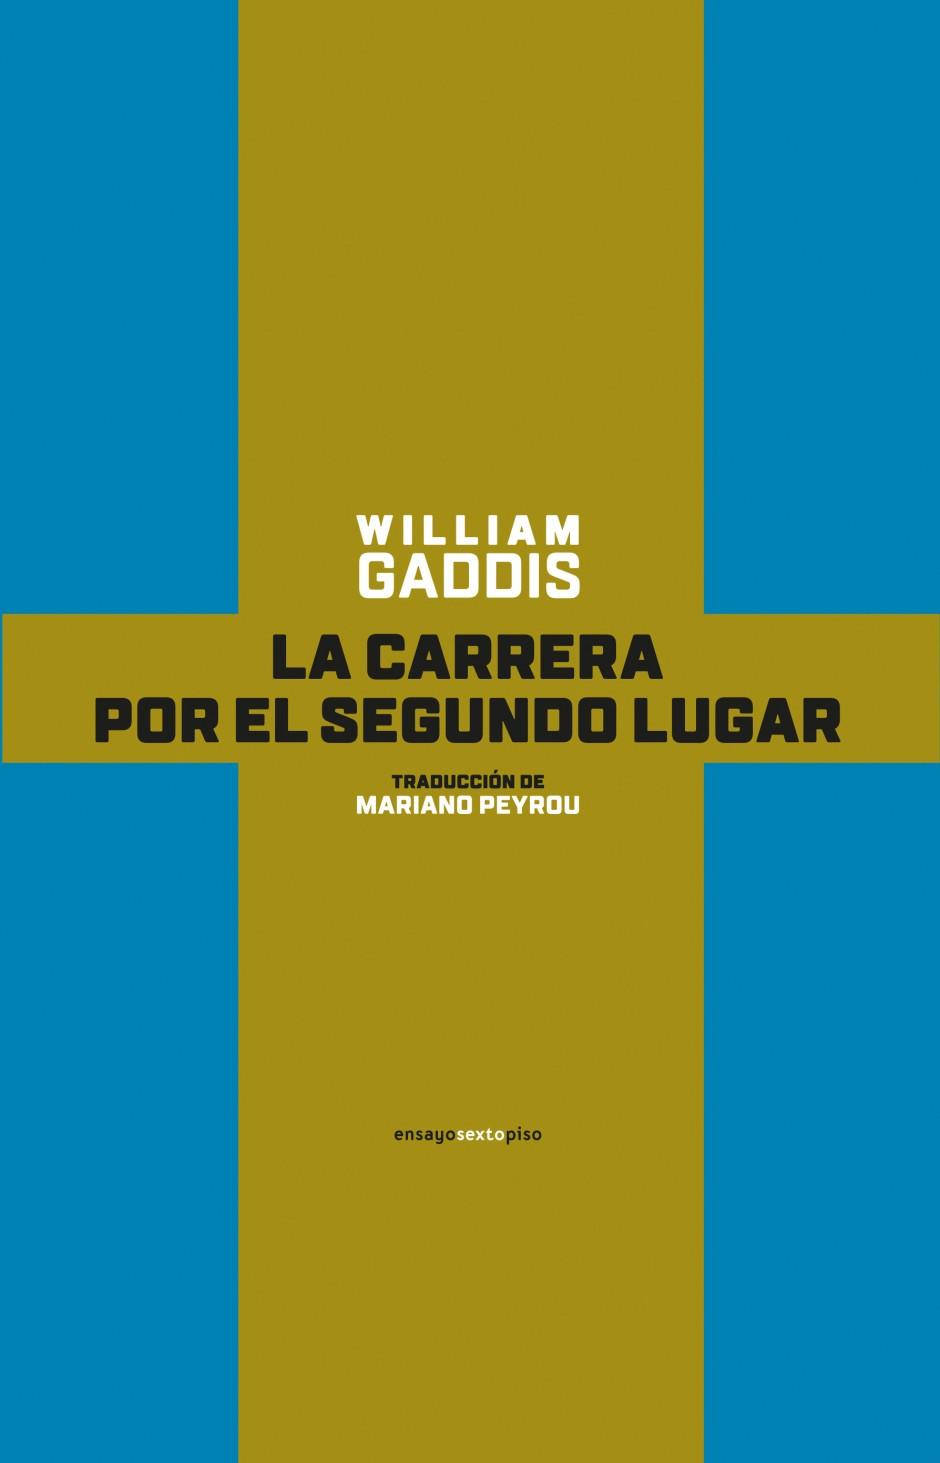 William Gaddis: el demonio del desorden